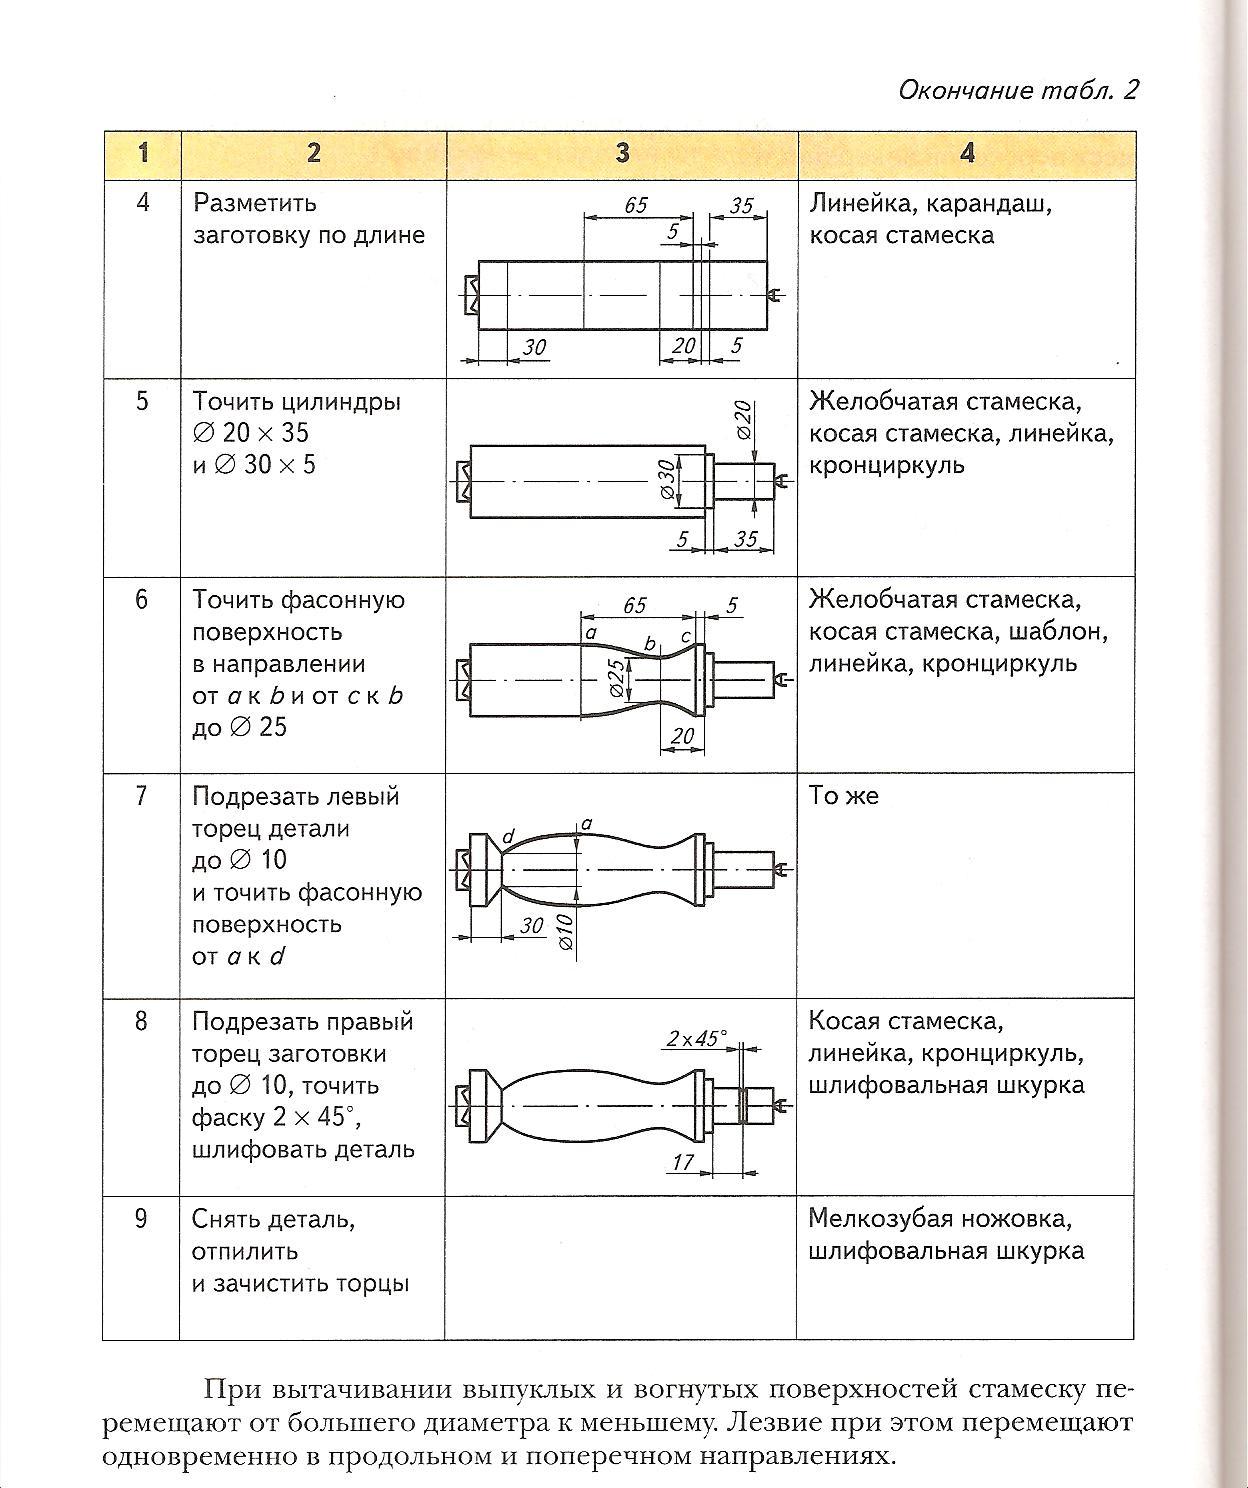 презентация физико механические свойства древесины технология 7 класс